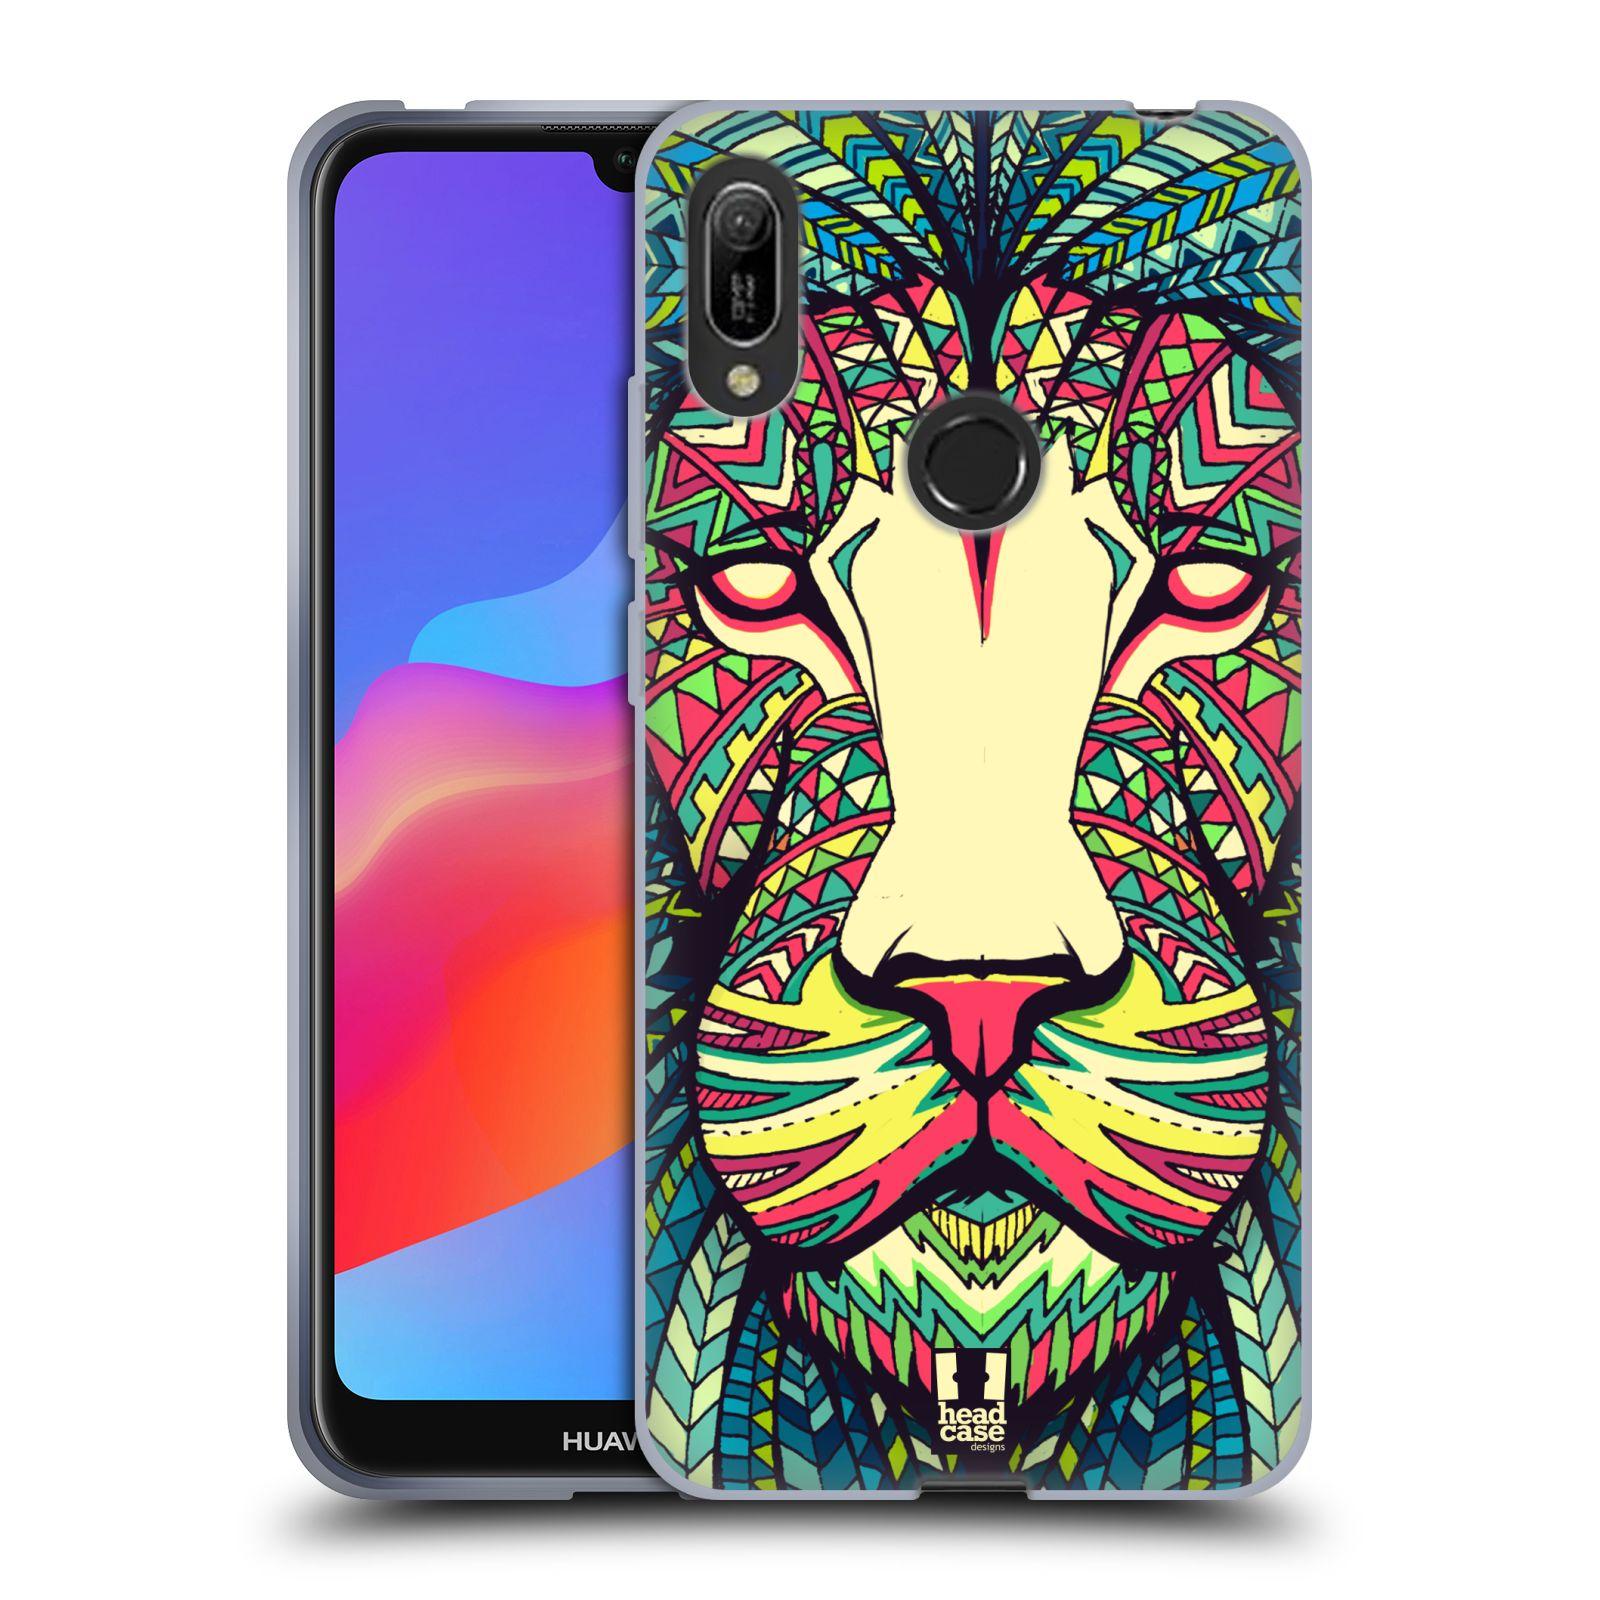 Silikonové pouzdro na mobil Huawei Y6 (2019) - Head Case - AZTEC LEV